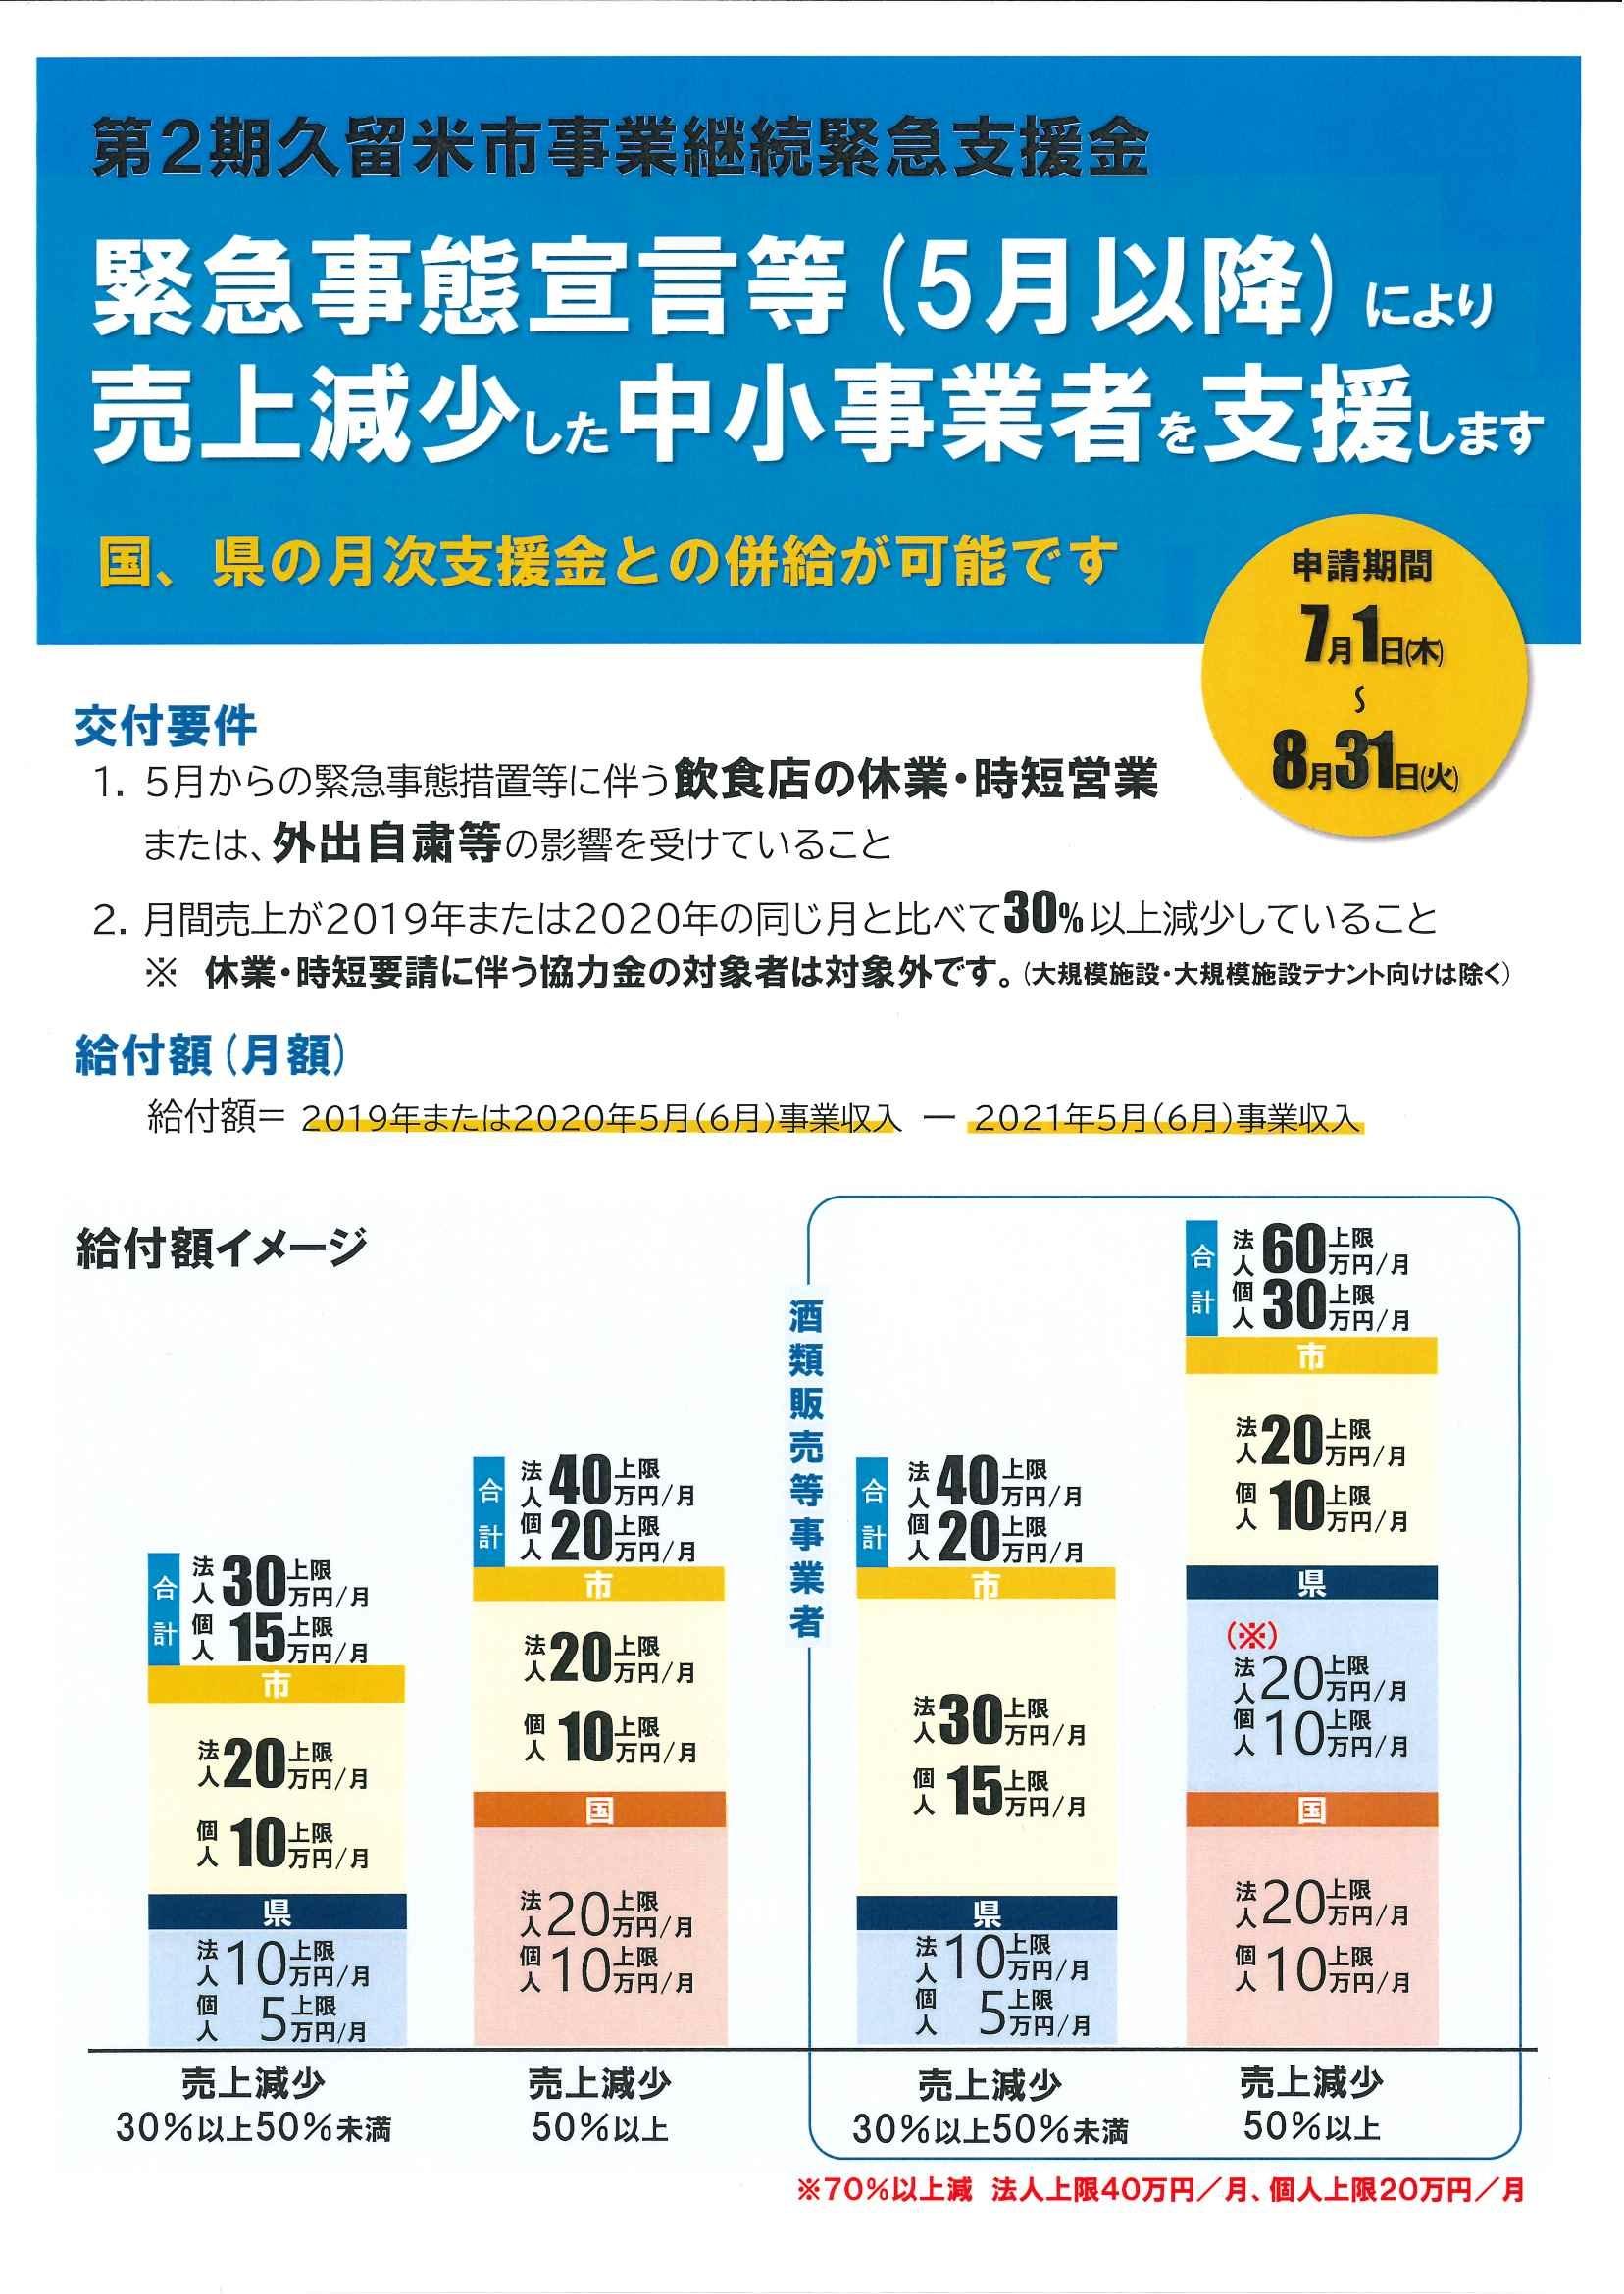 【久留米市】事業者向け支援制度のご案内_f0120774_14052319.jpg